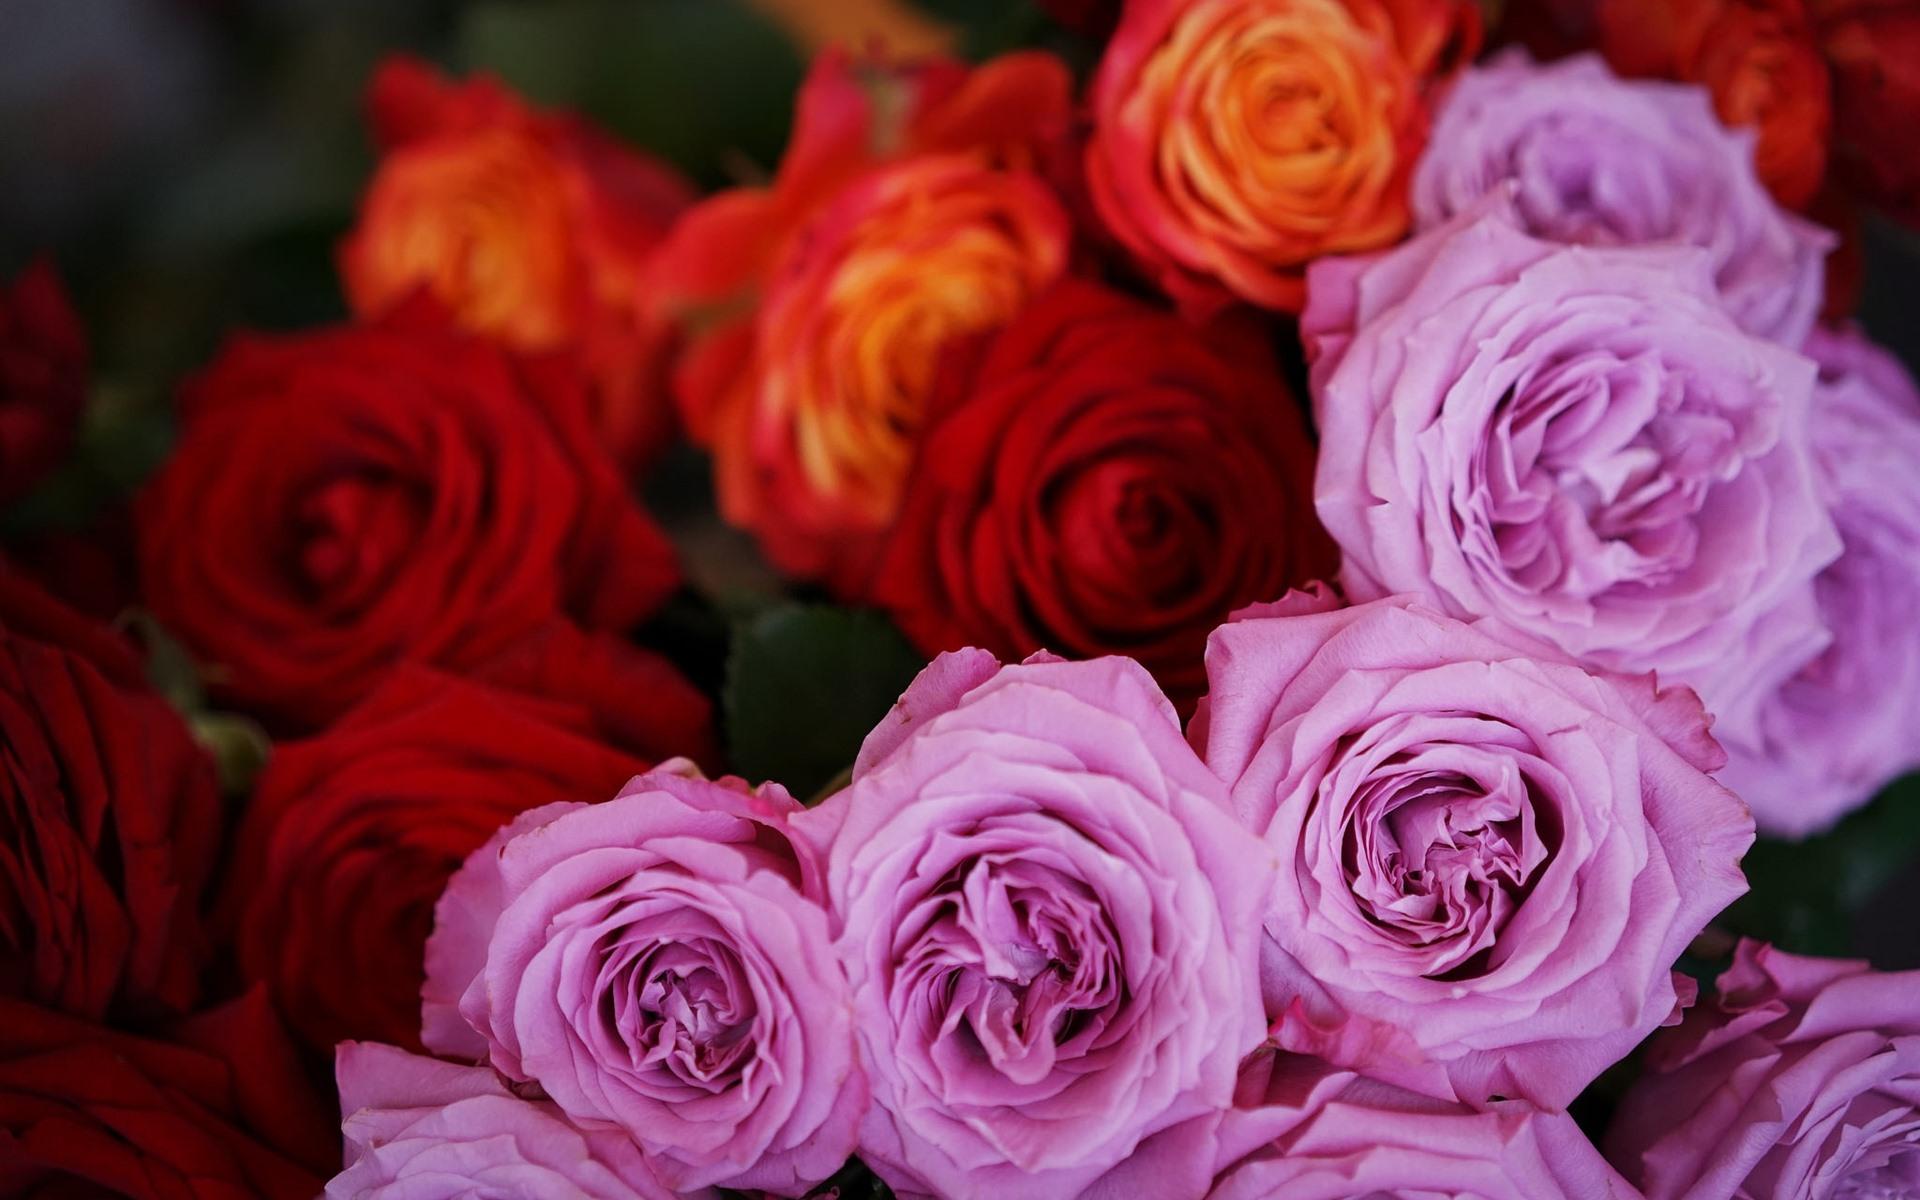 розы цветы фото большие большого разрешения этом